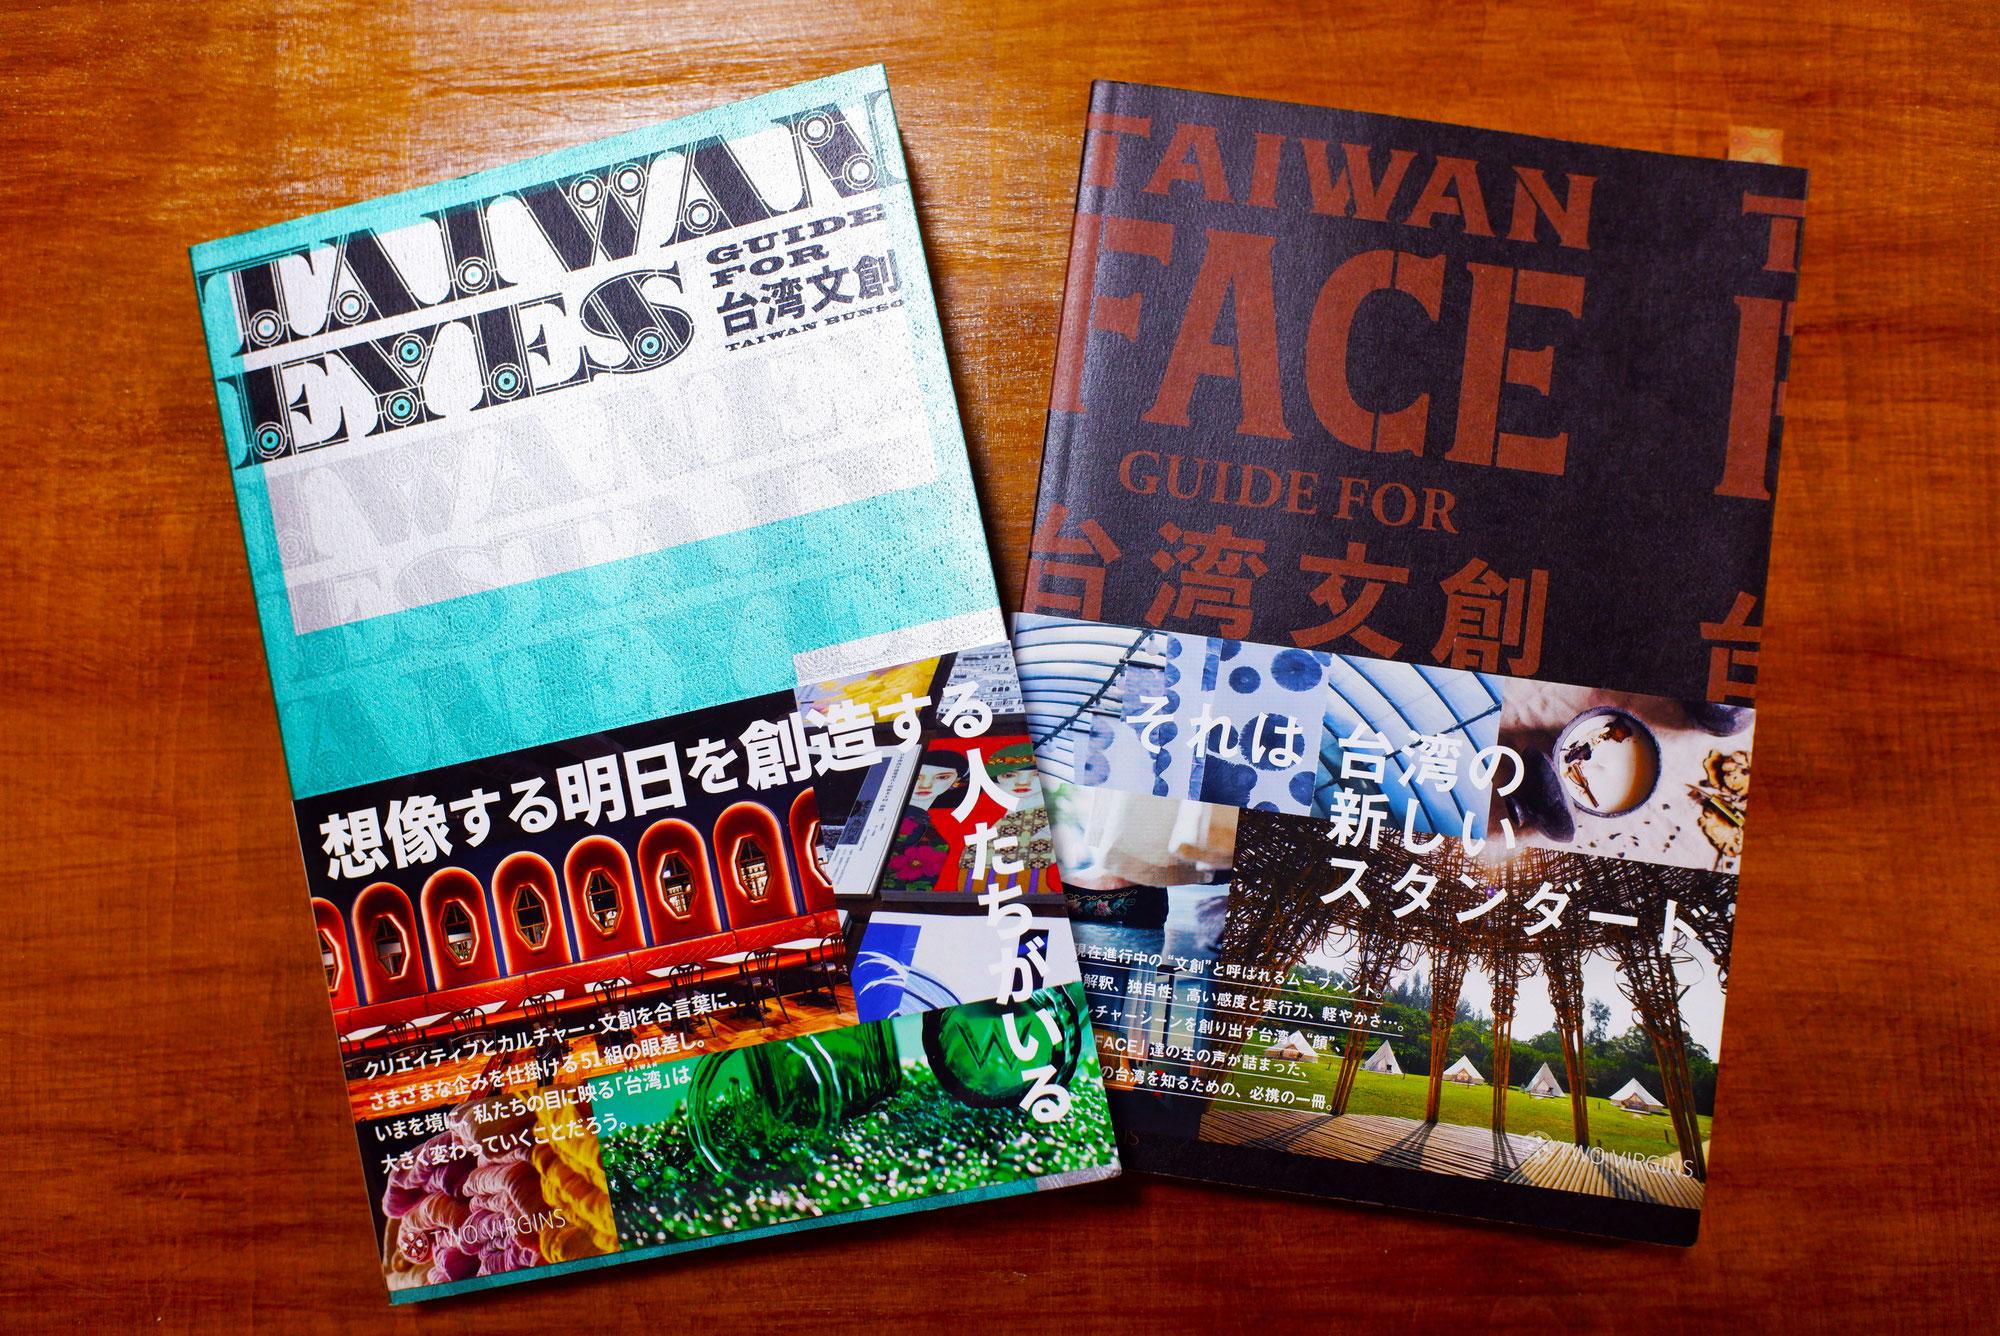 コロナで台湾に行けない今だからこそおうちで脳内台湾トリップ!見ているだけで思わずニヤニヤ、今読んでおきたい台湾本はこれだ!